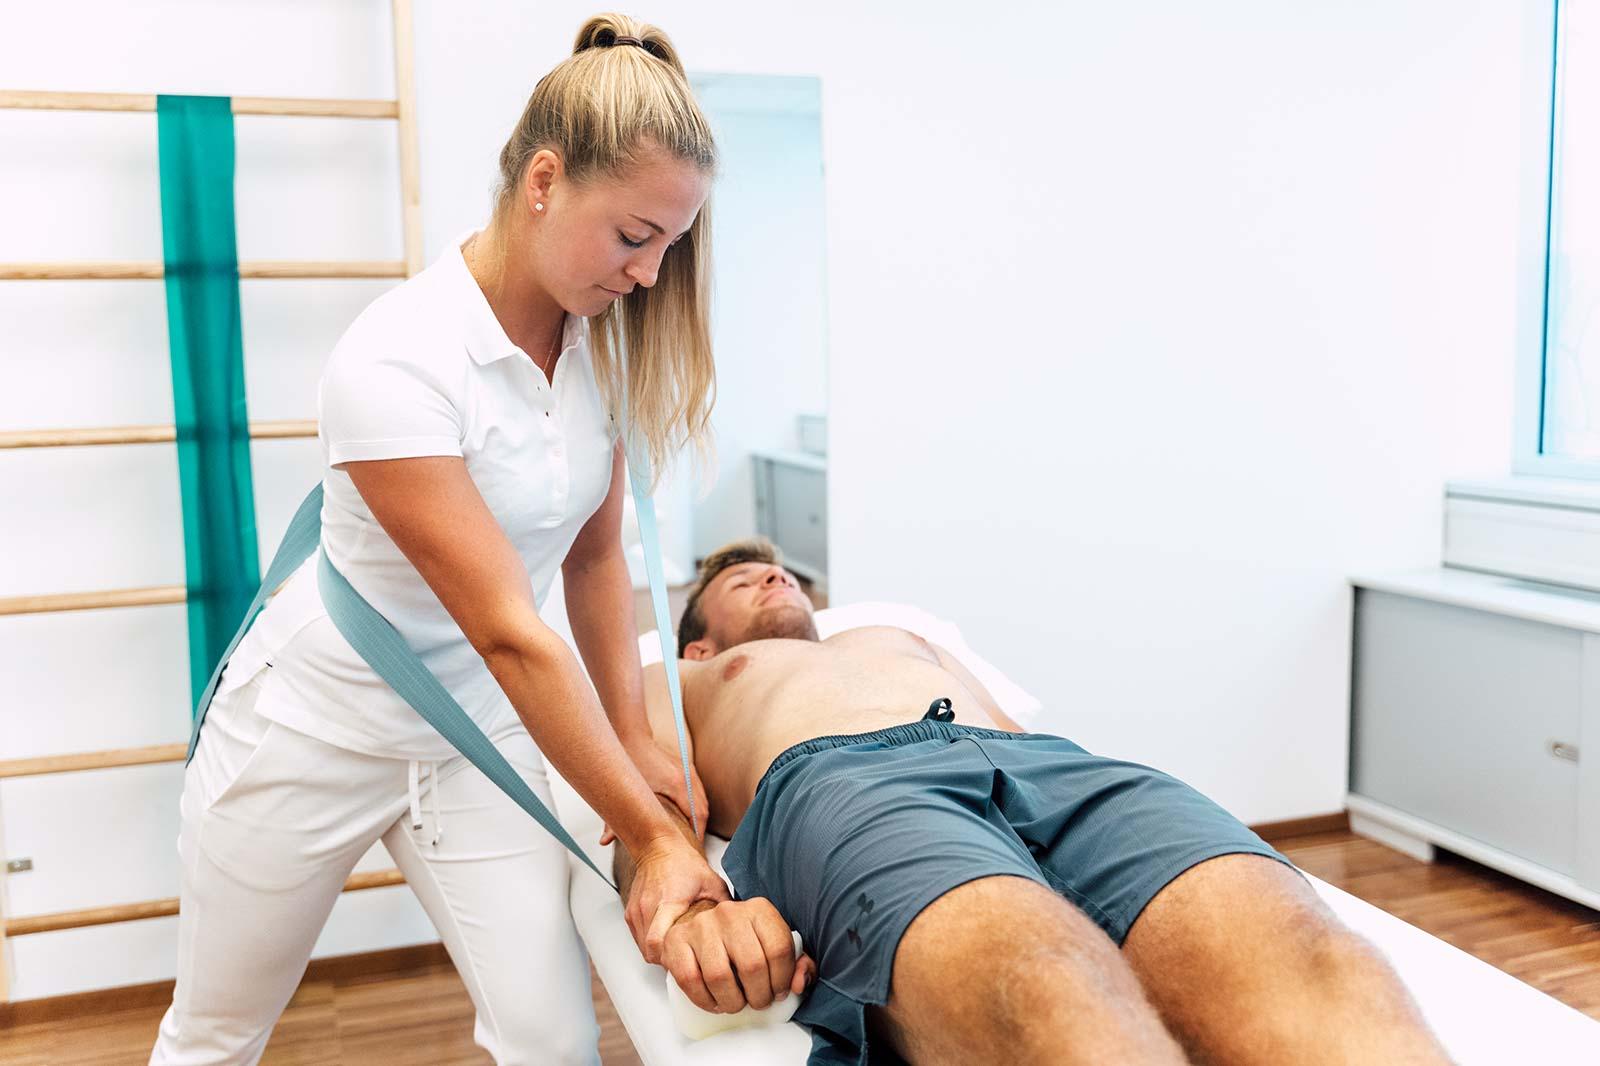 Tiefenstabilisation (Physiotherapie) mit Livia Tasch, BSc. im medsyn Wien